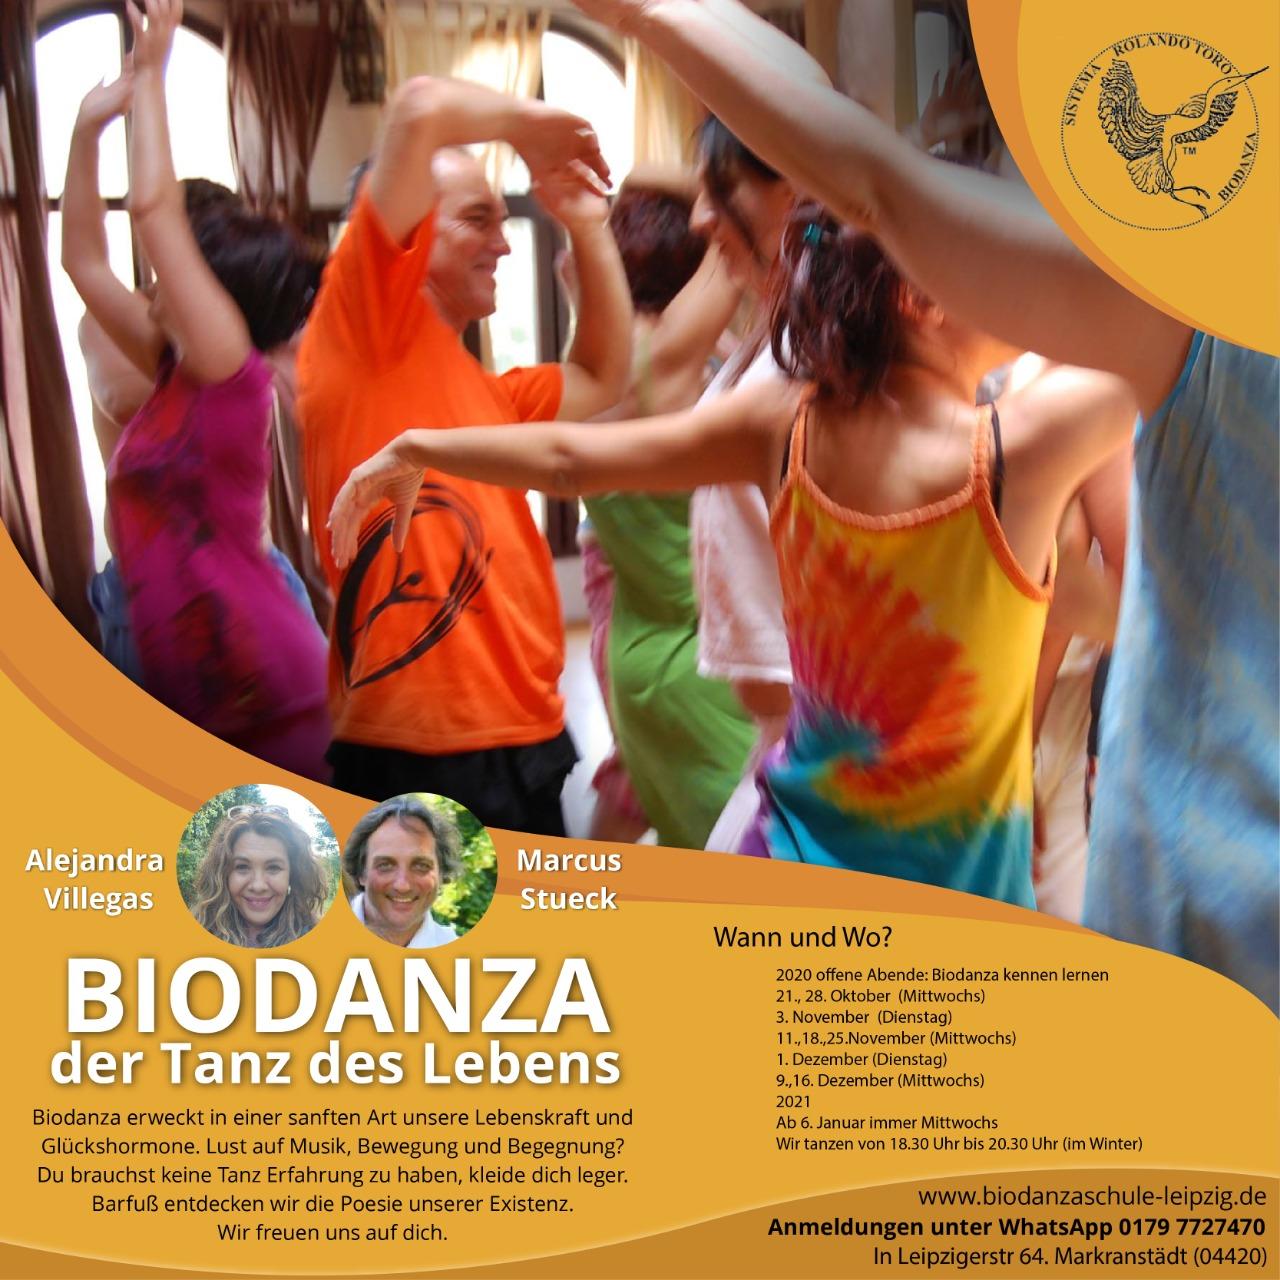 Biodanza-Flyer